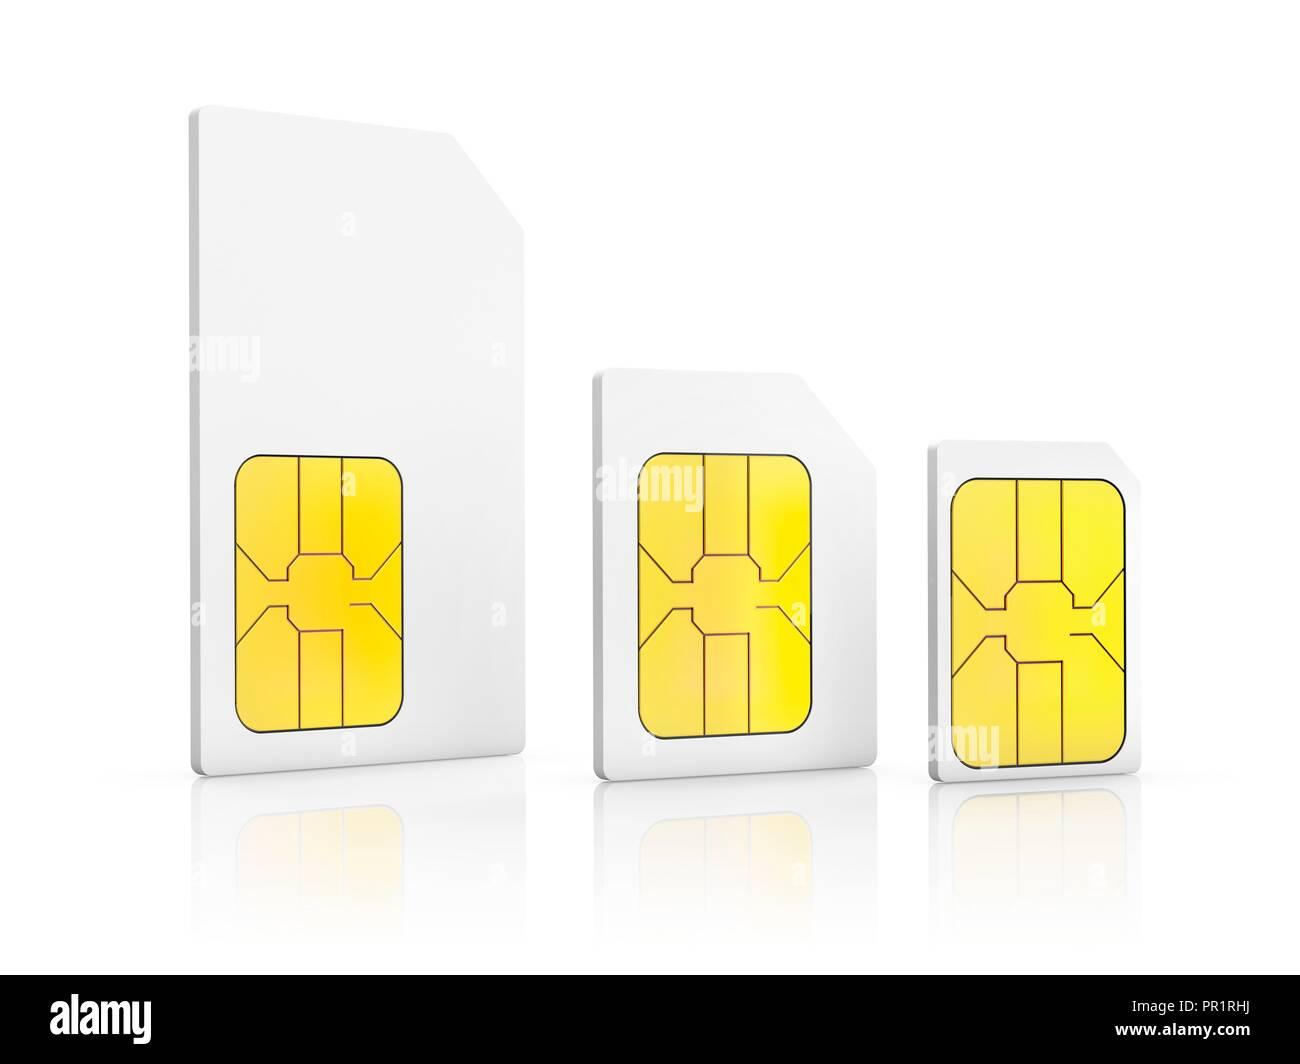 Nano Sim Karte Bilder.Drei Sim Karte Größen Abbildung Ein Mini Sim Karte Eine Micro Sim